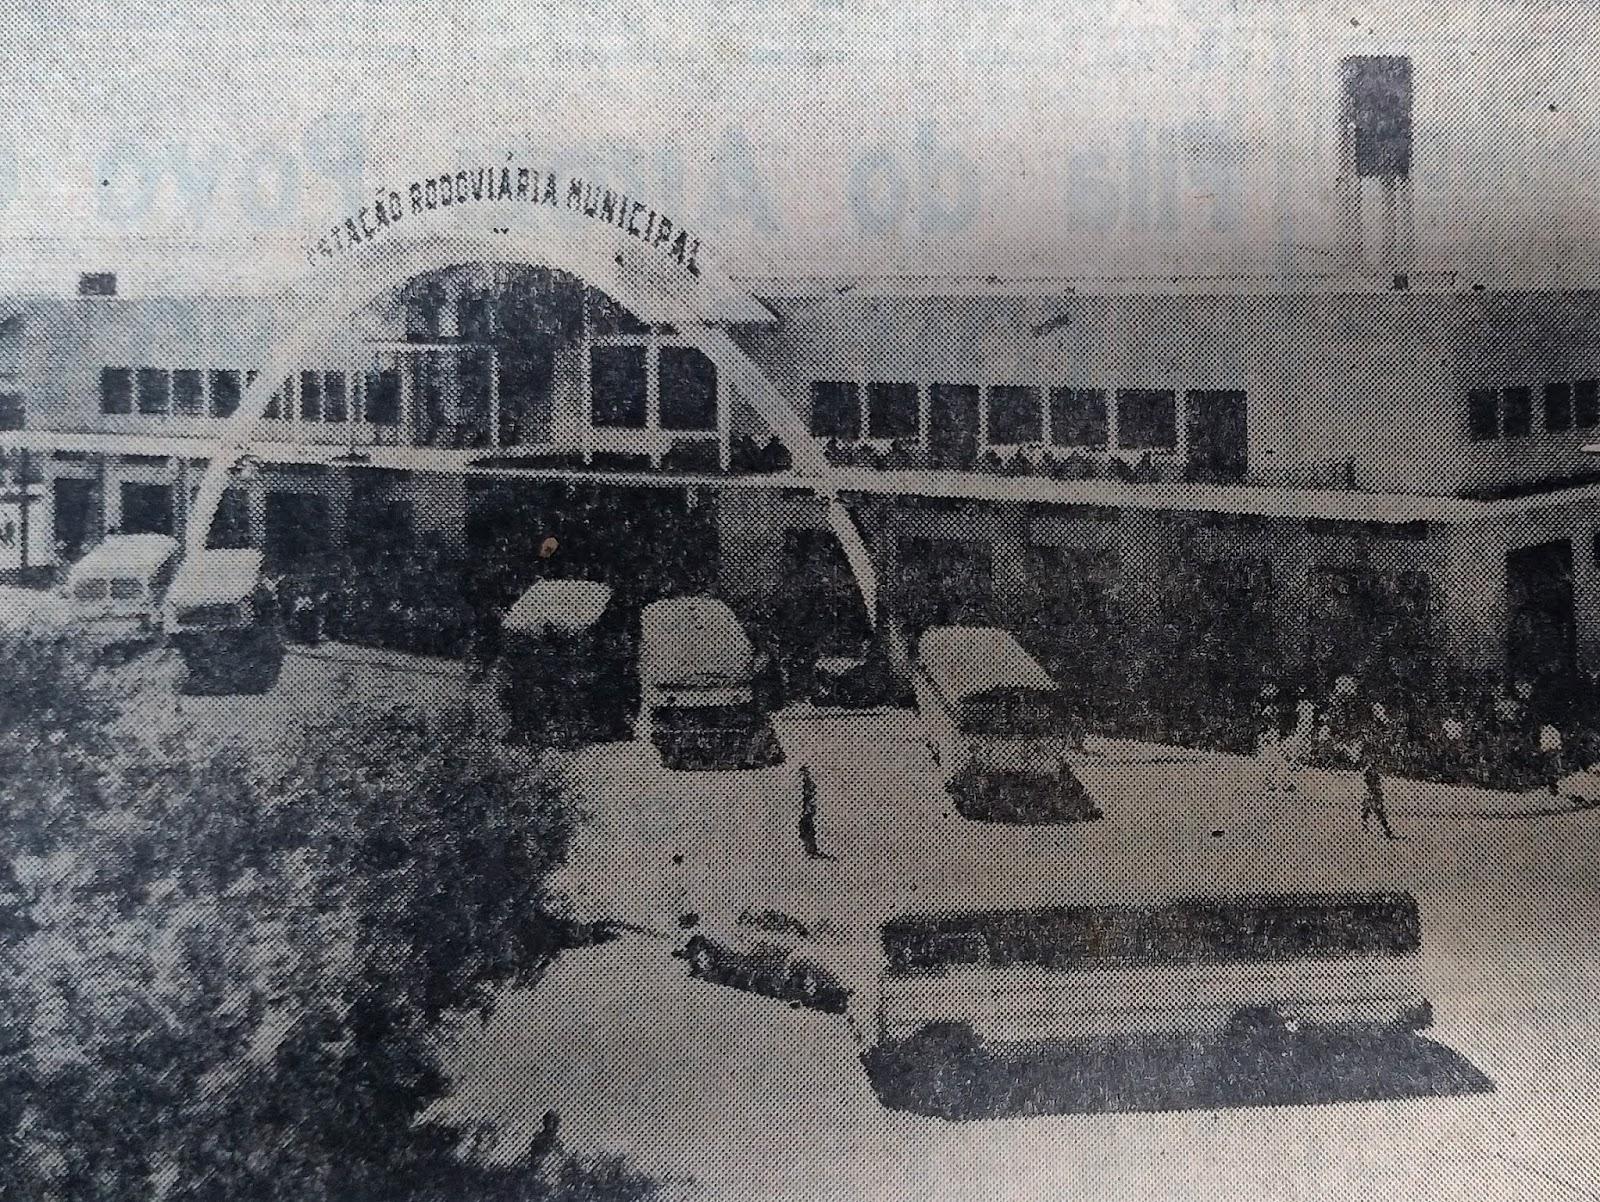 Estação Rodoviária Municipal - Novembro de 1962